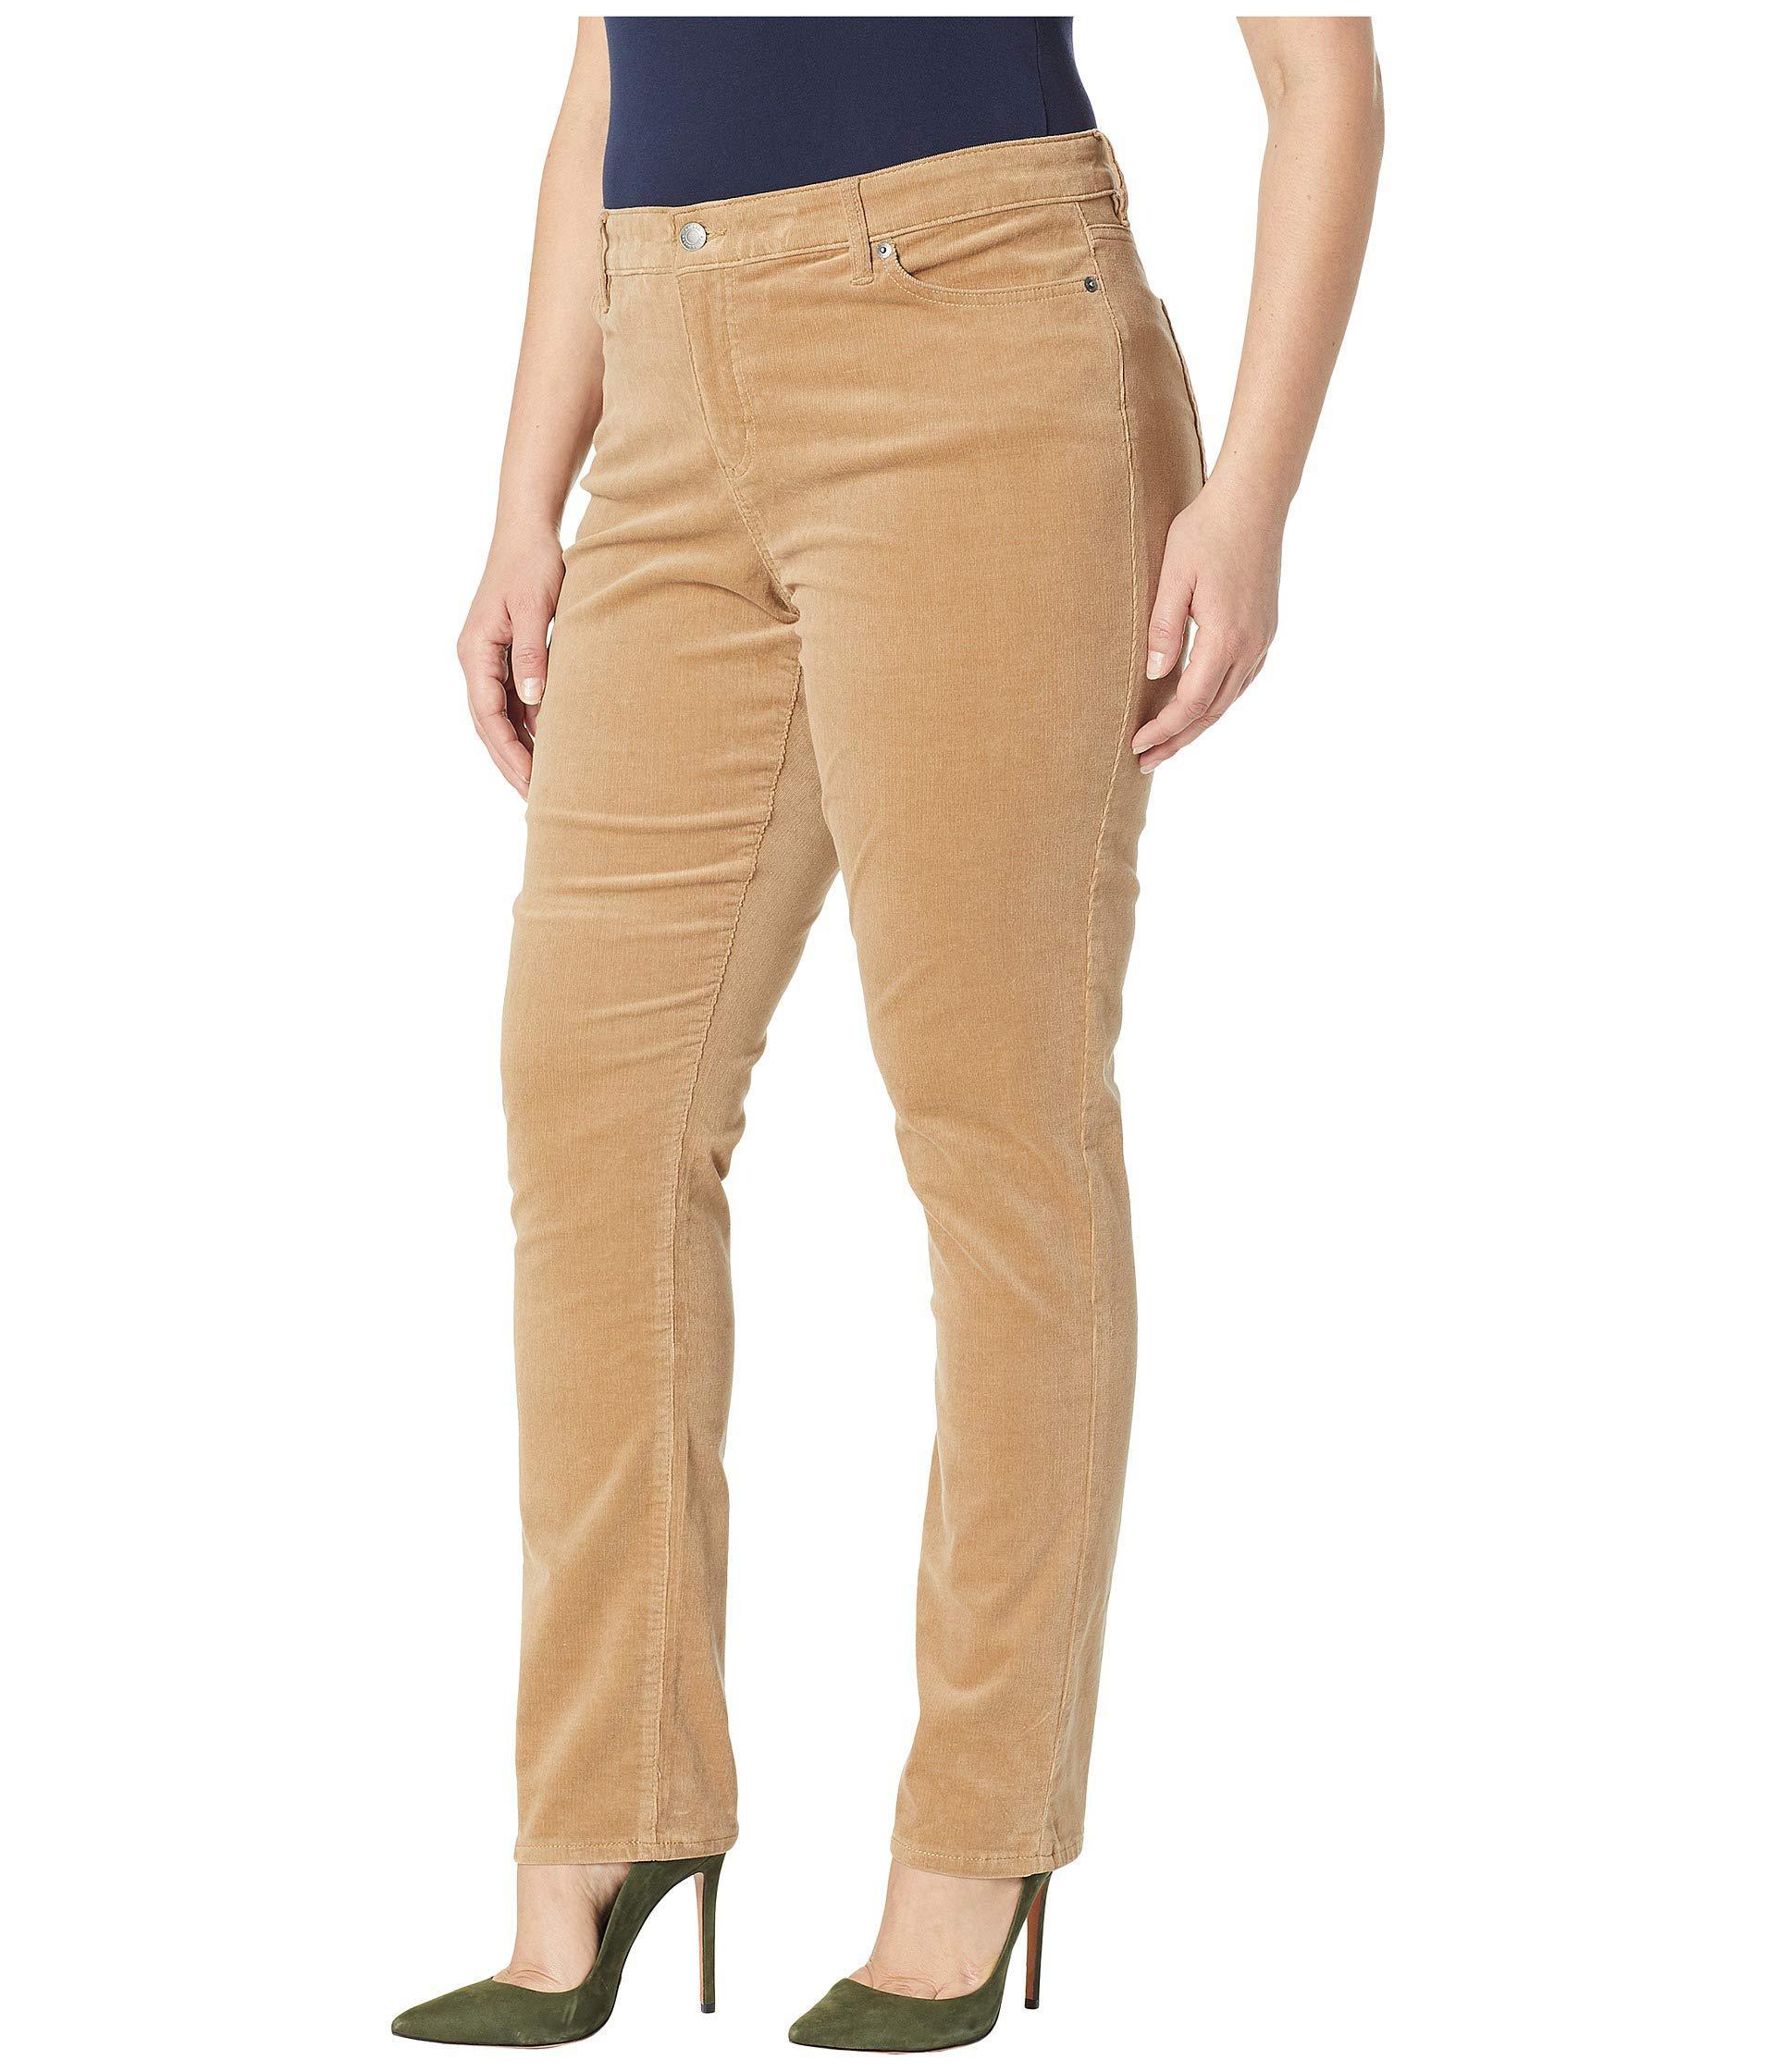 4057556e8828d Lyst - Lauren by Ralph Lauren Plus Size Premier Straight Corduroy Jeans in  Natural - Save 36%